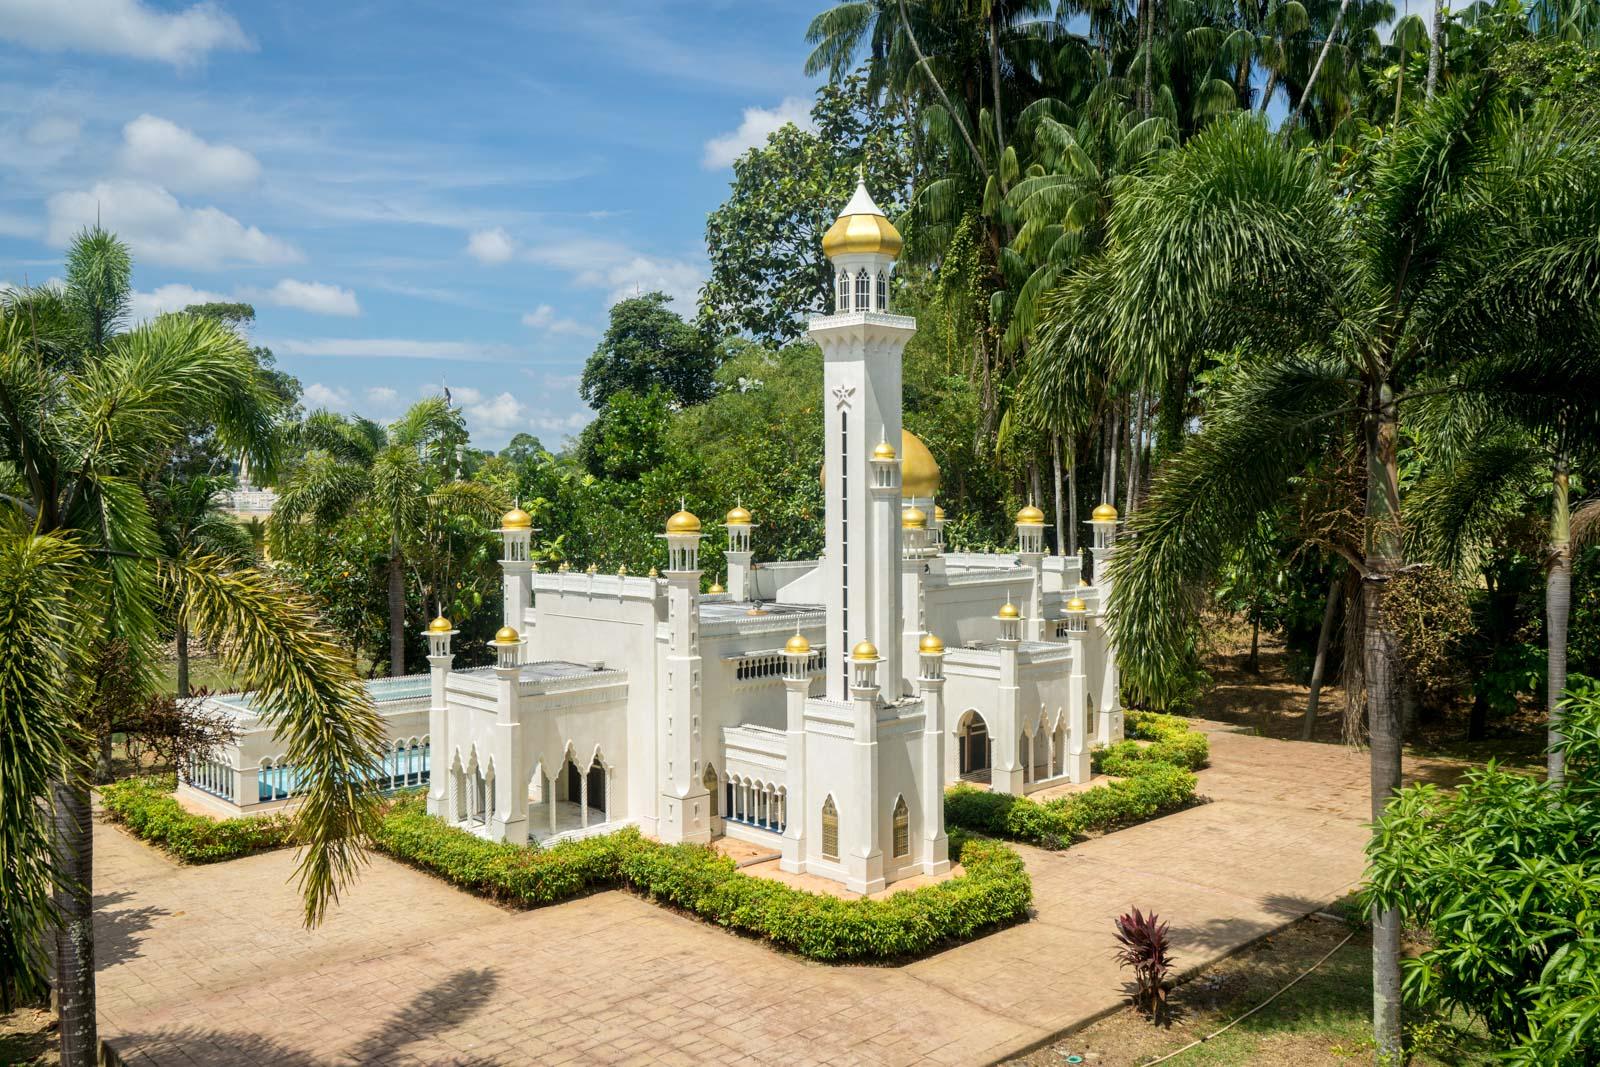 Taman Tamadun Islam, Kuala Terengganu, Malaysia